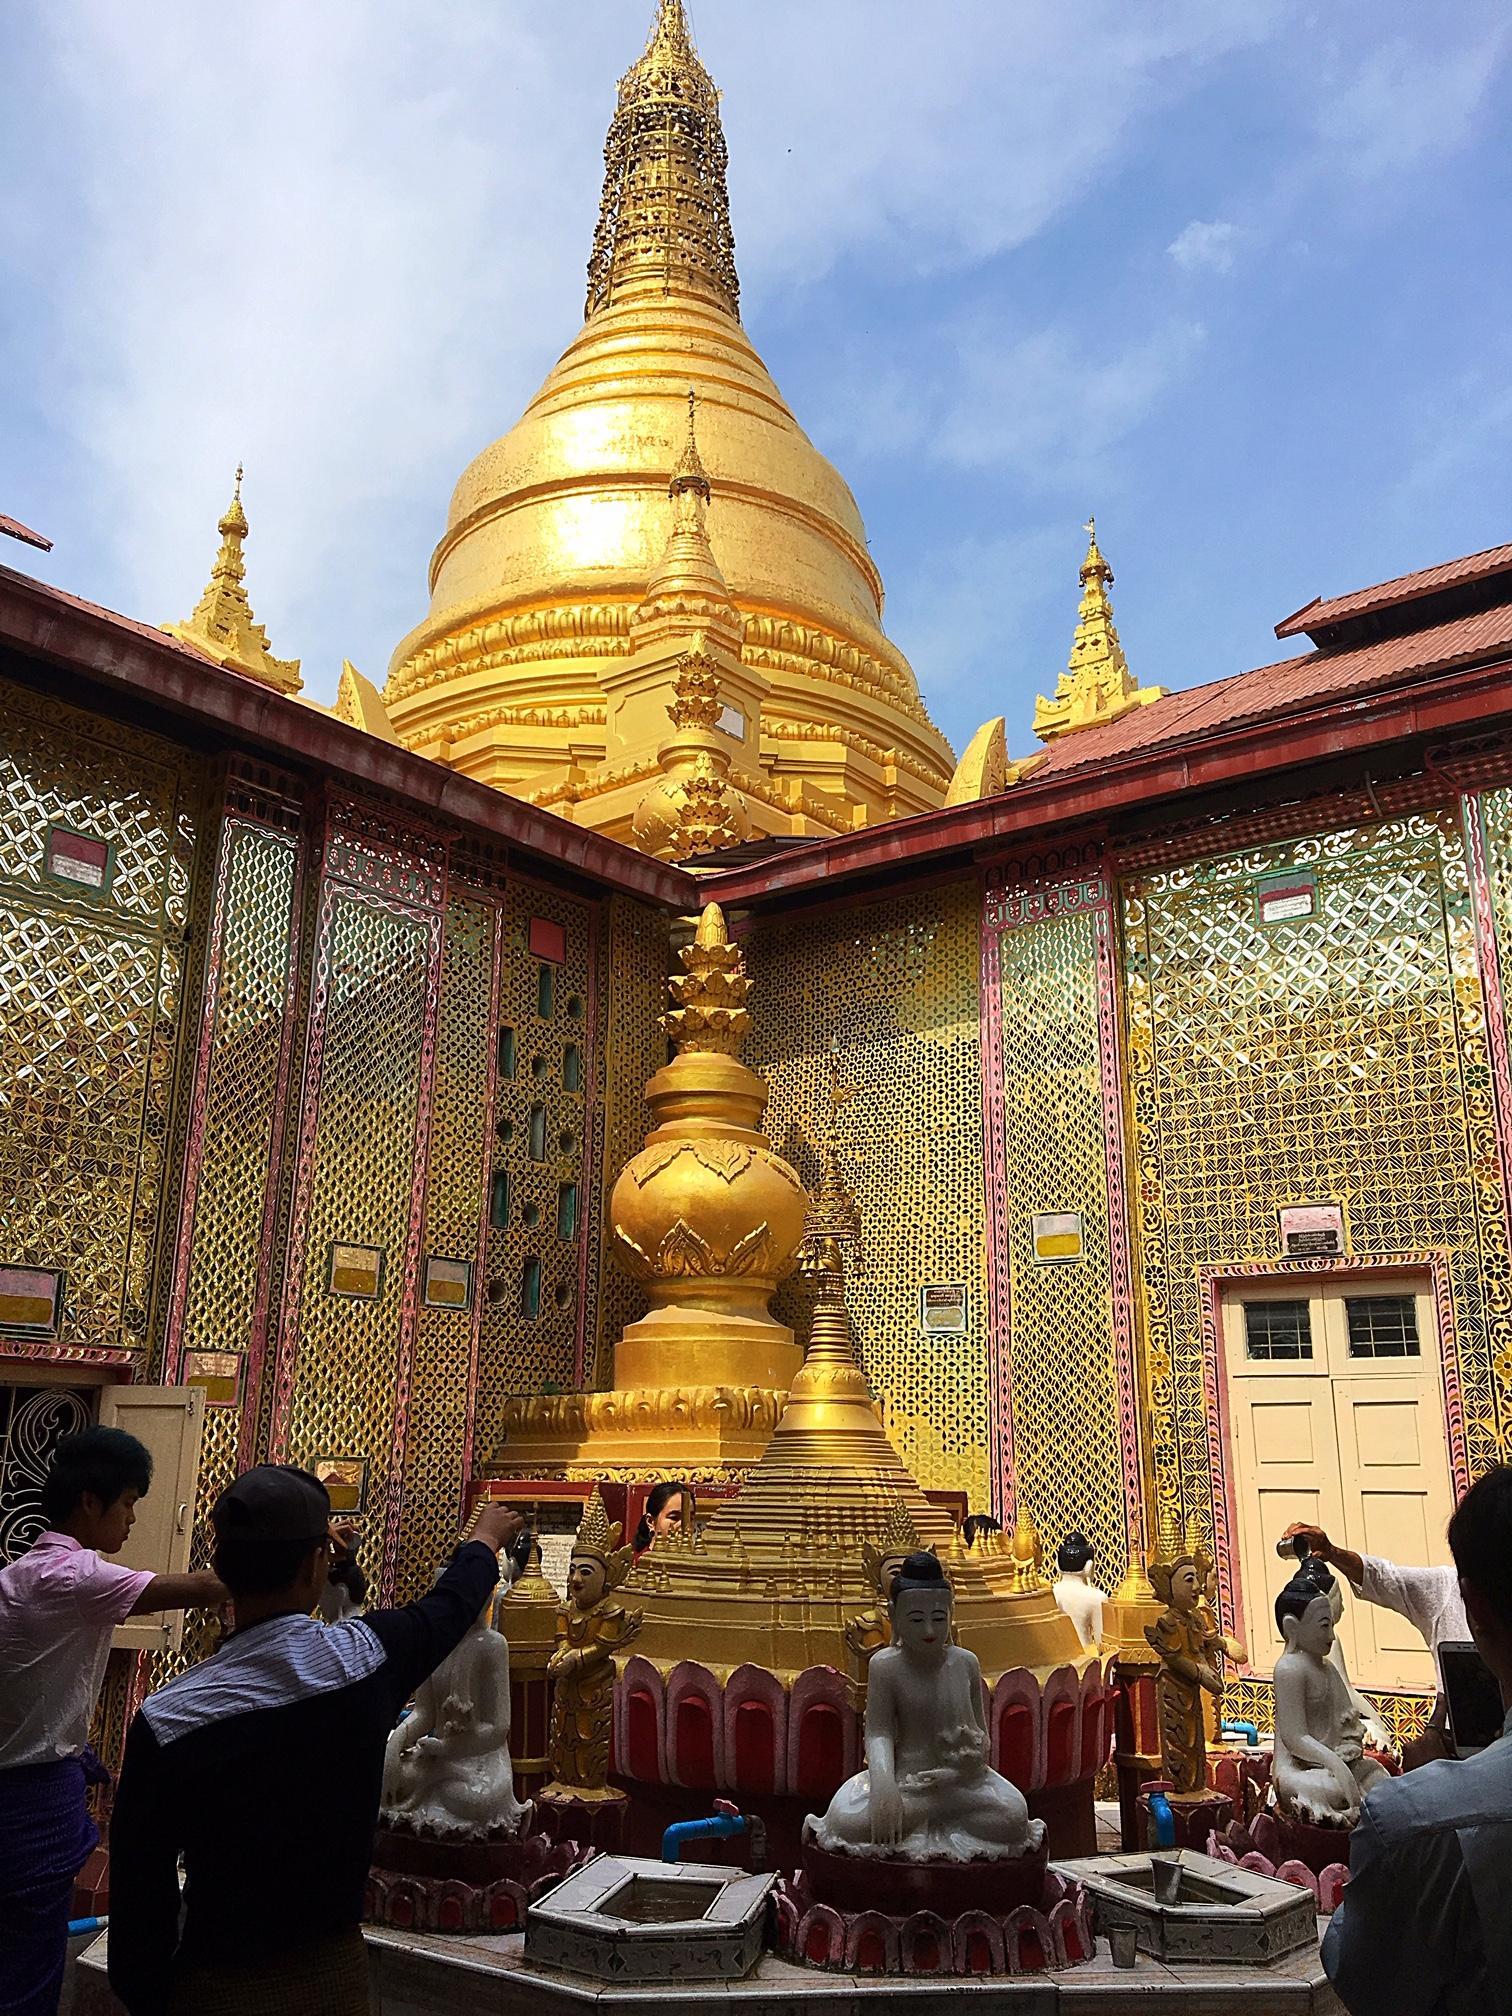 Посетители проходят по кругу по часовой стрелке. Нужно вылить воду на голову каждой скульптуре будды.